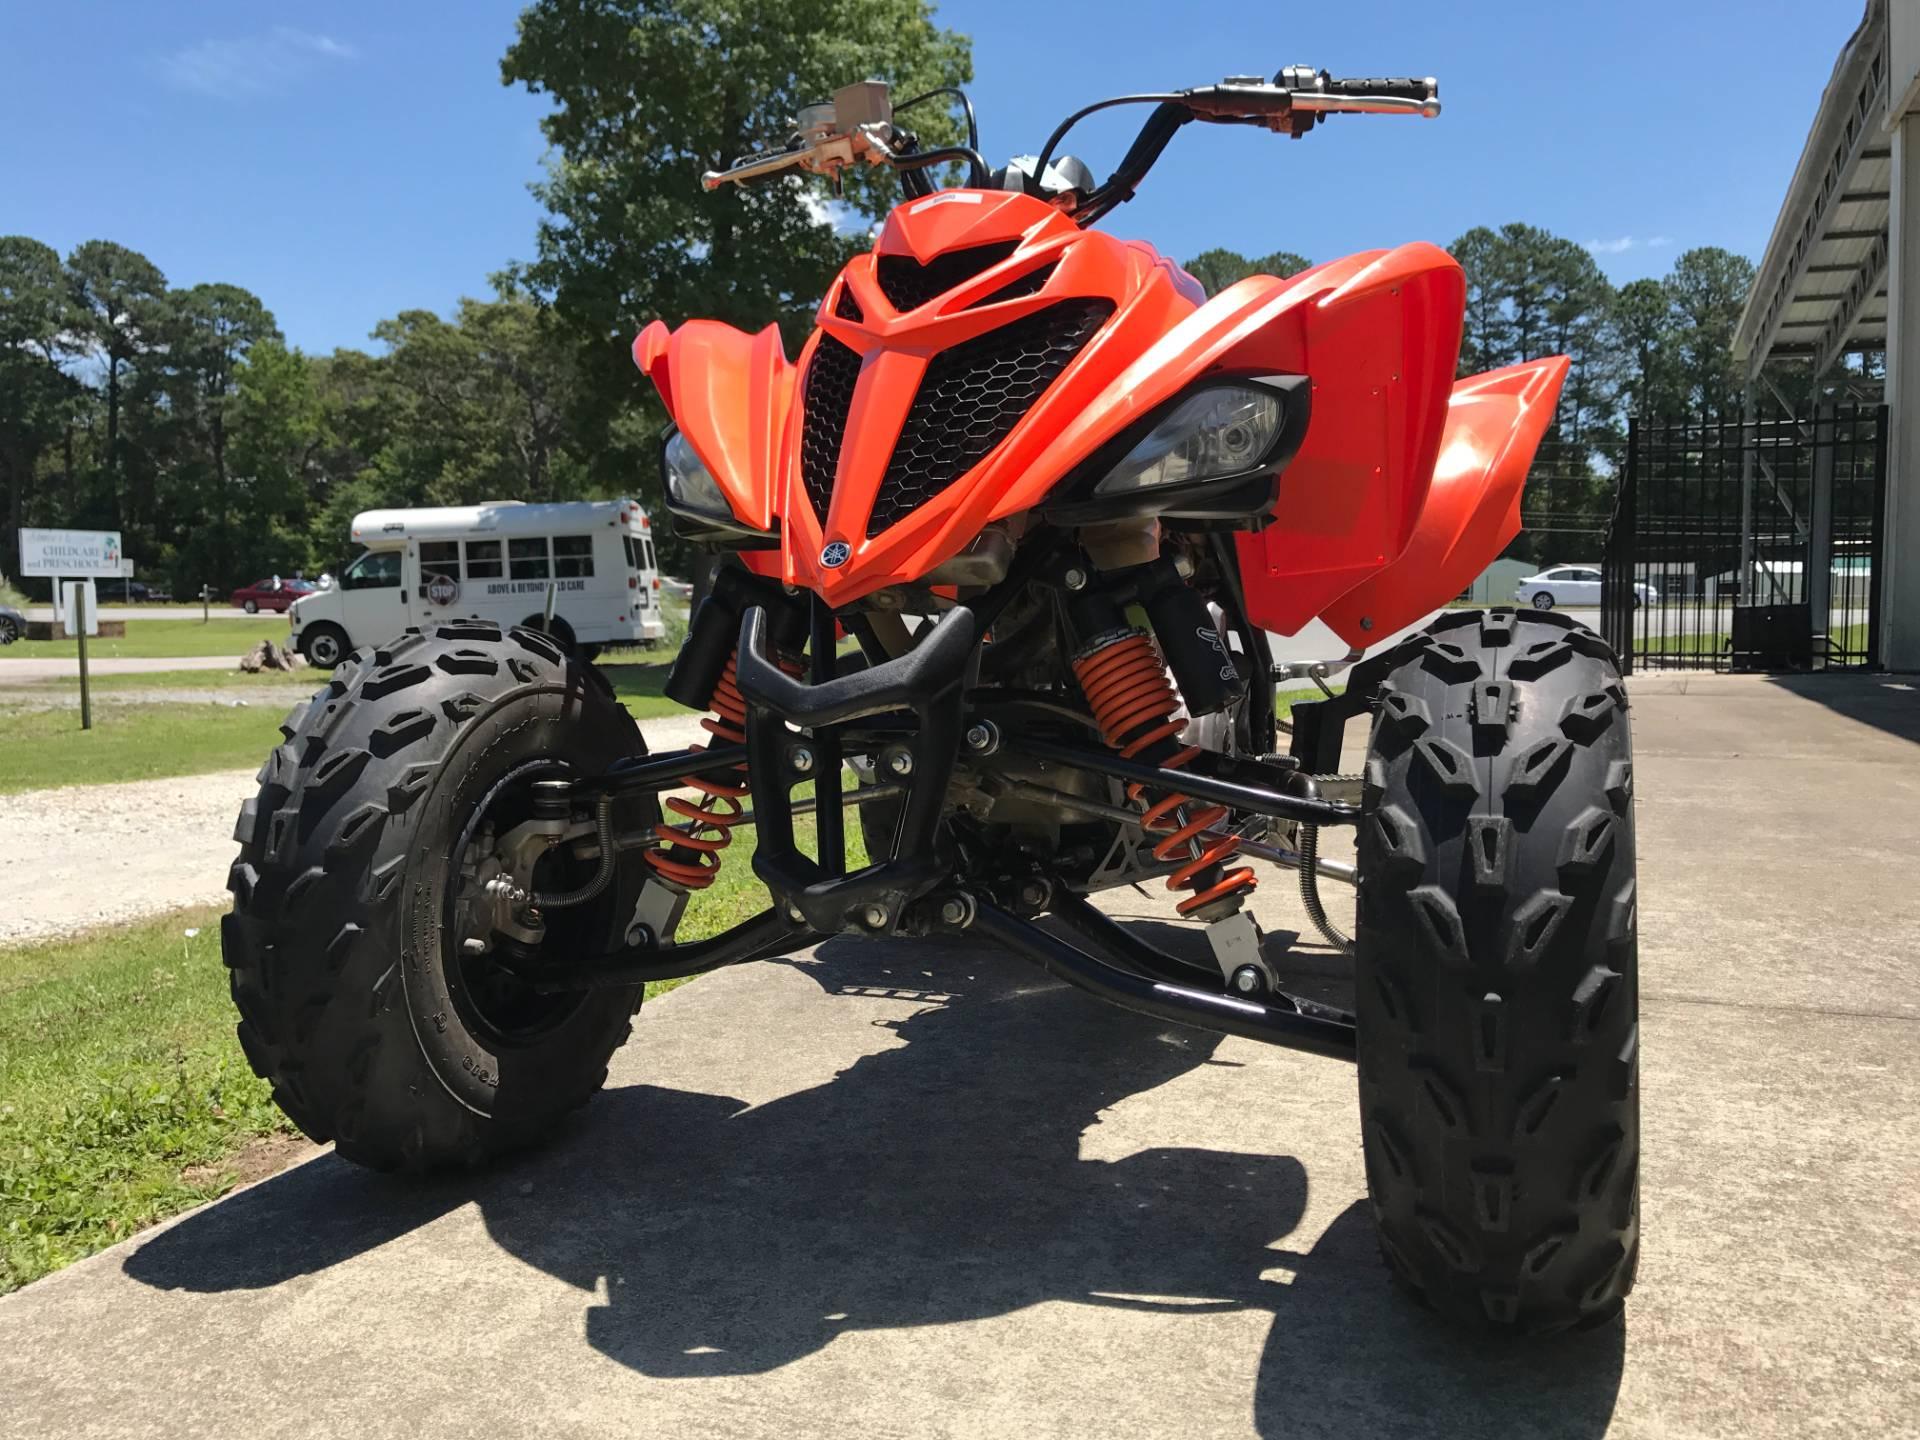 2017 Yamaha Raptor 700 4